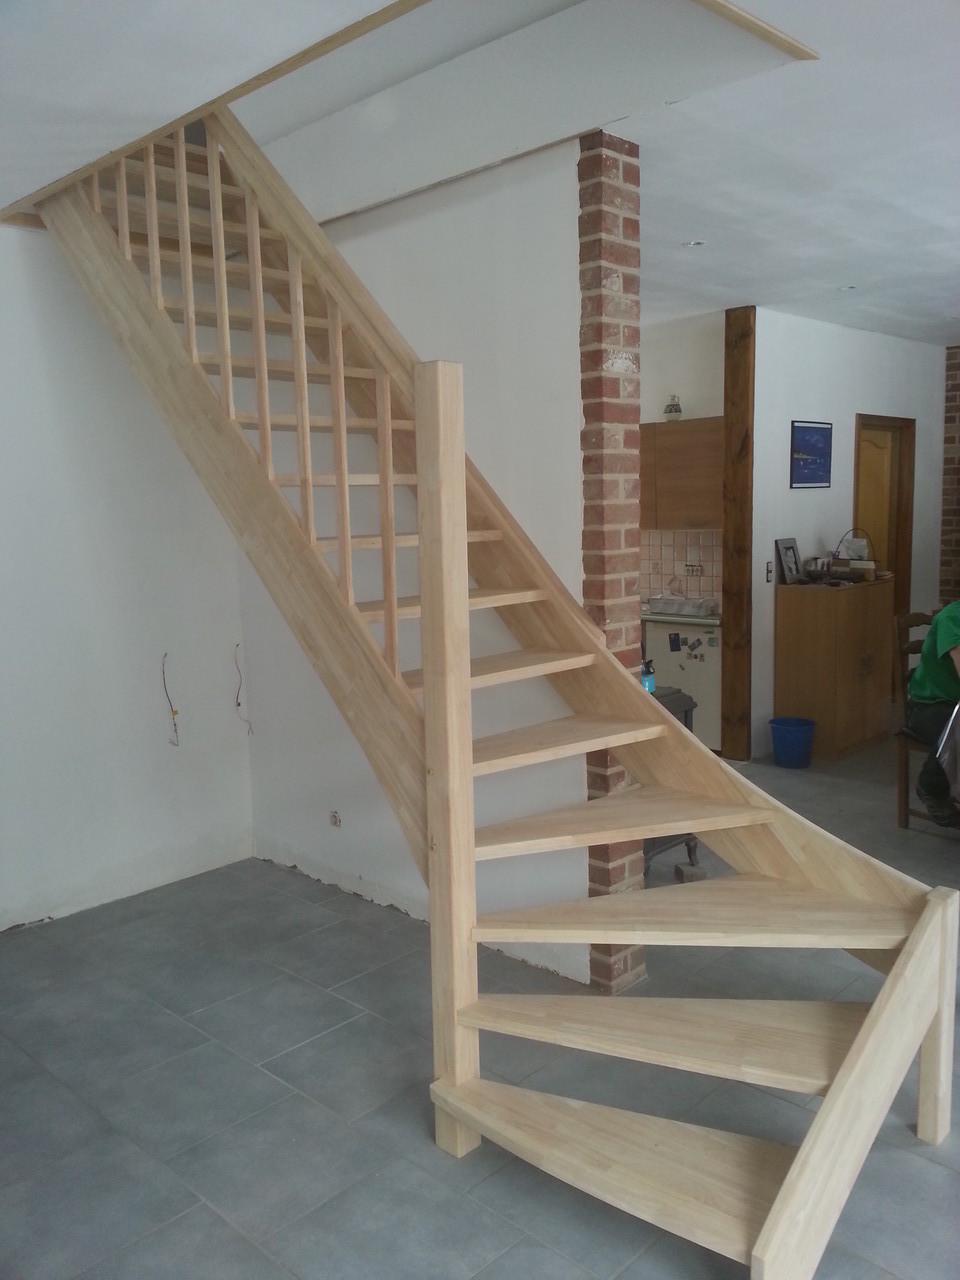 escalier en hevea ( similaire au hêtre )